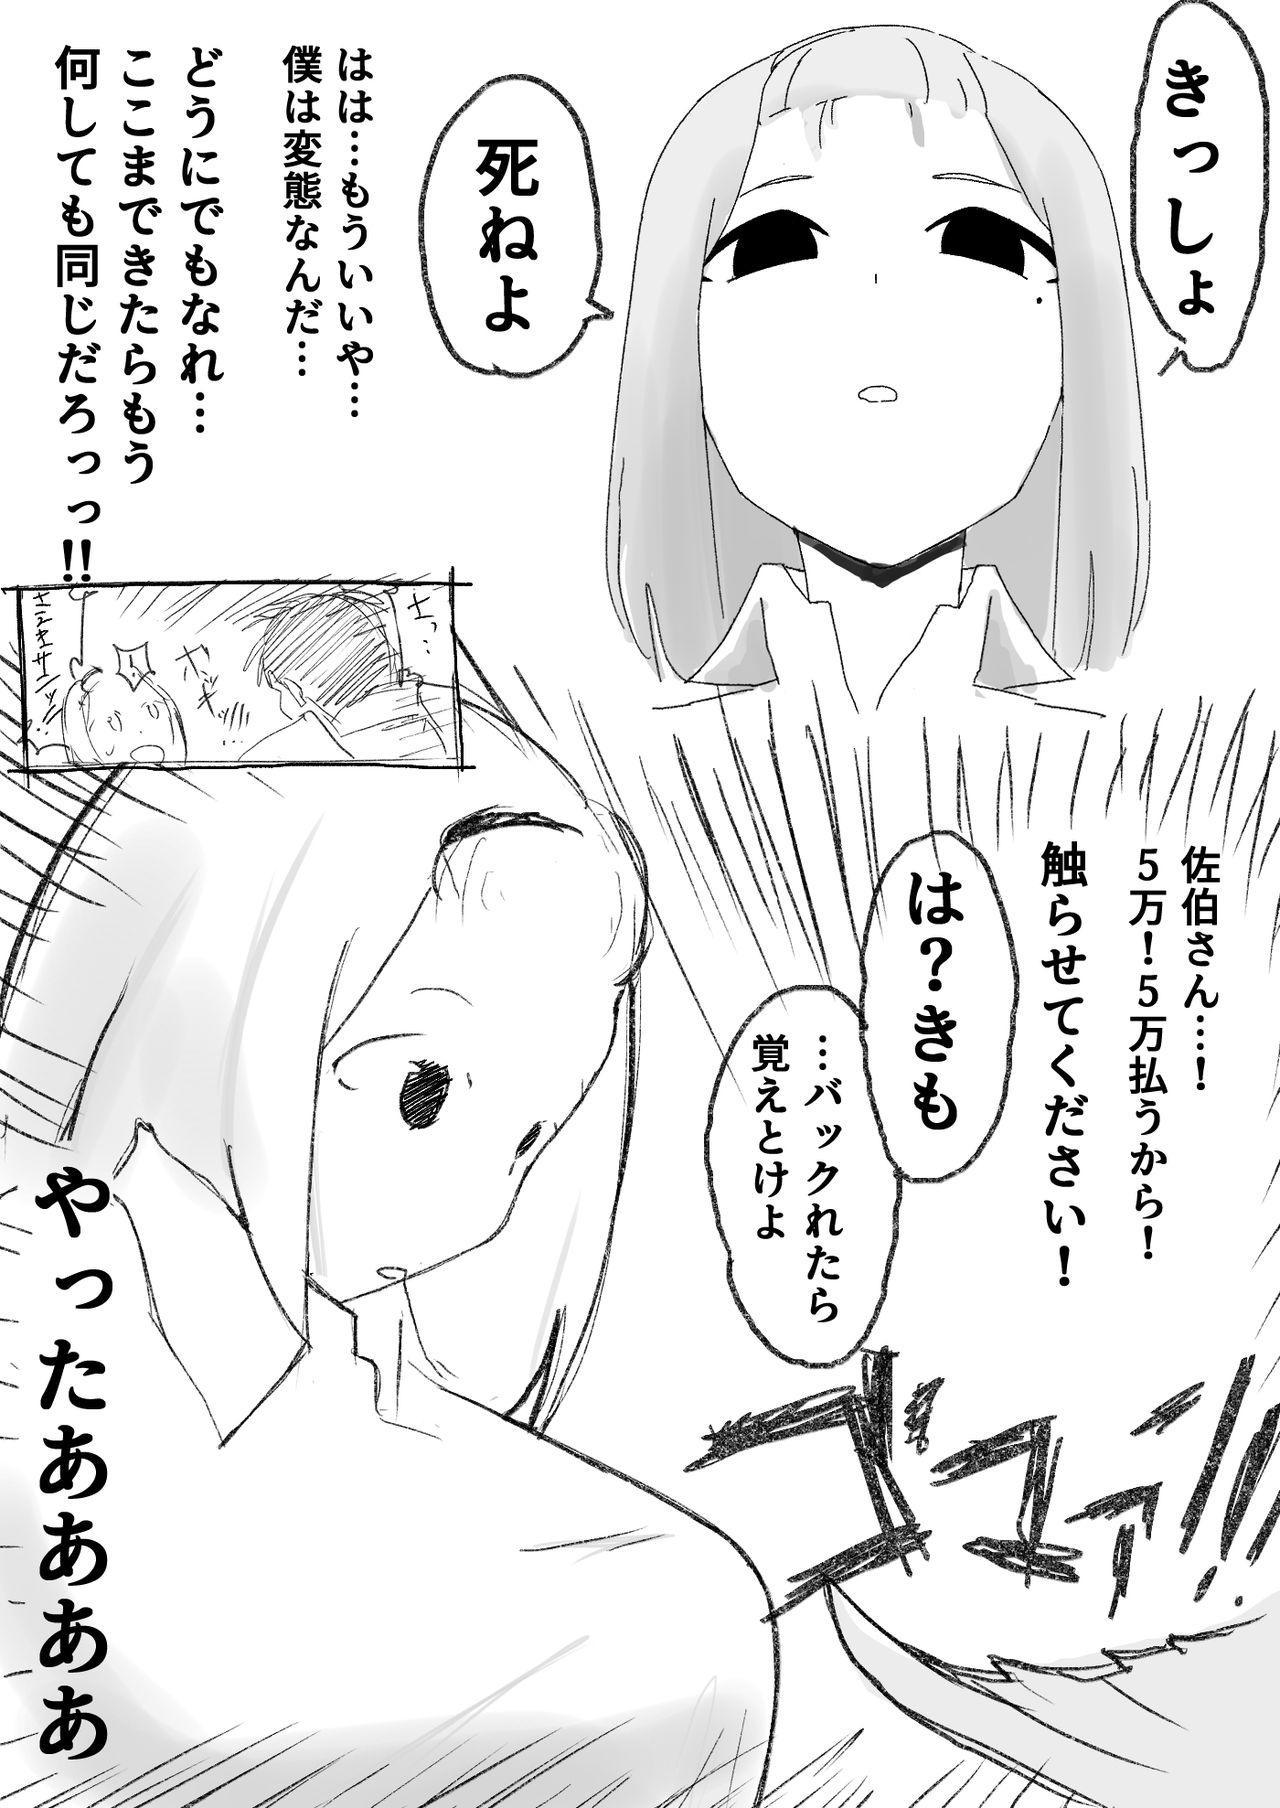 Saeki-san kansatsu nikki 6